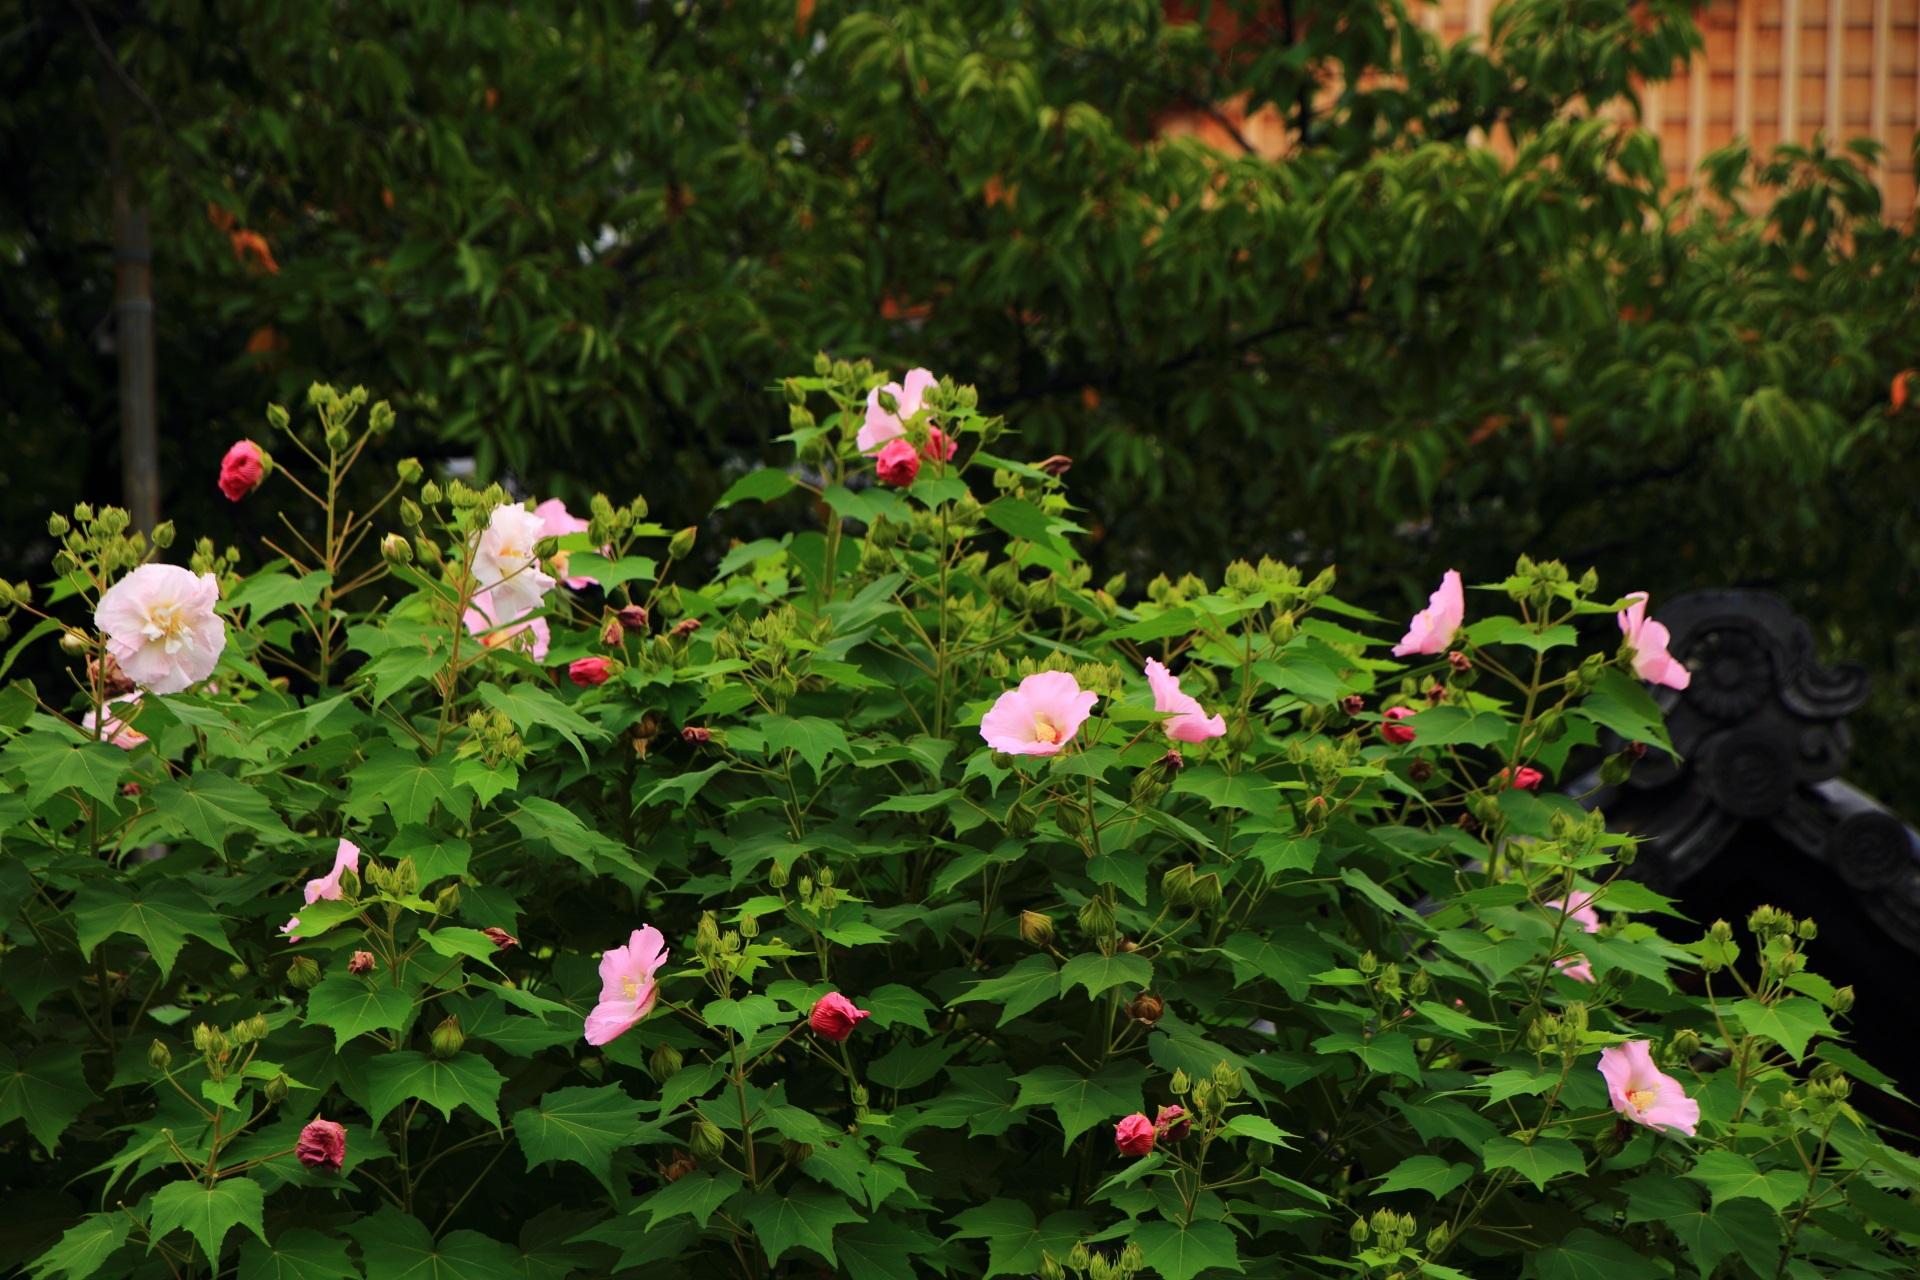 緑の葉の上で揺らめくピンクの芙蓉の花